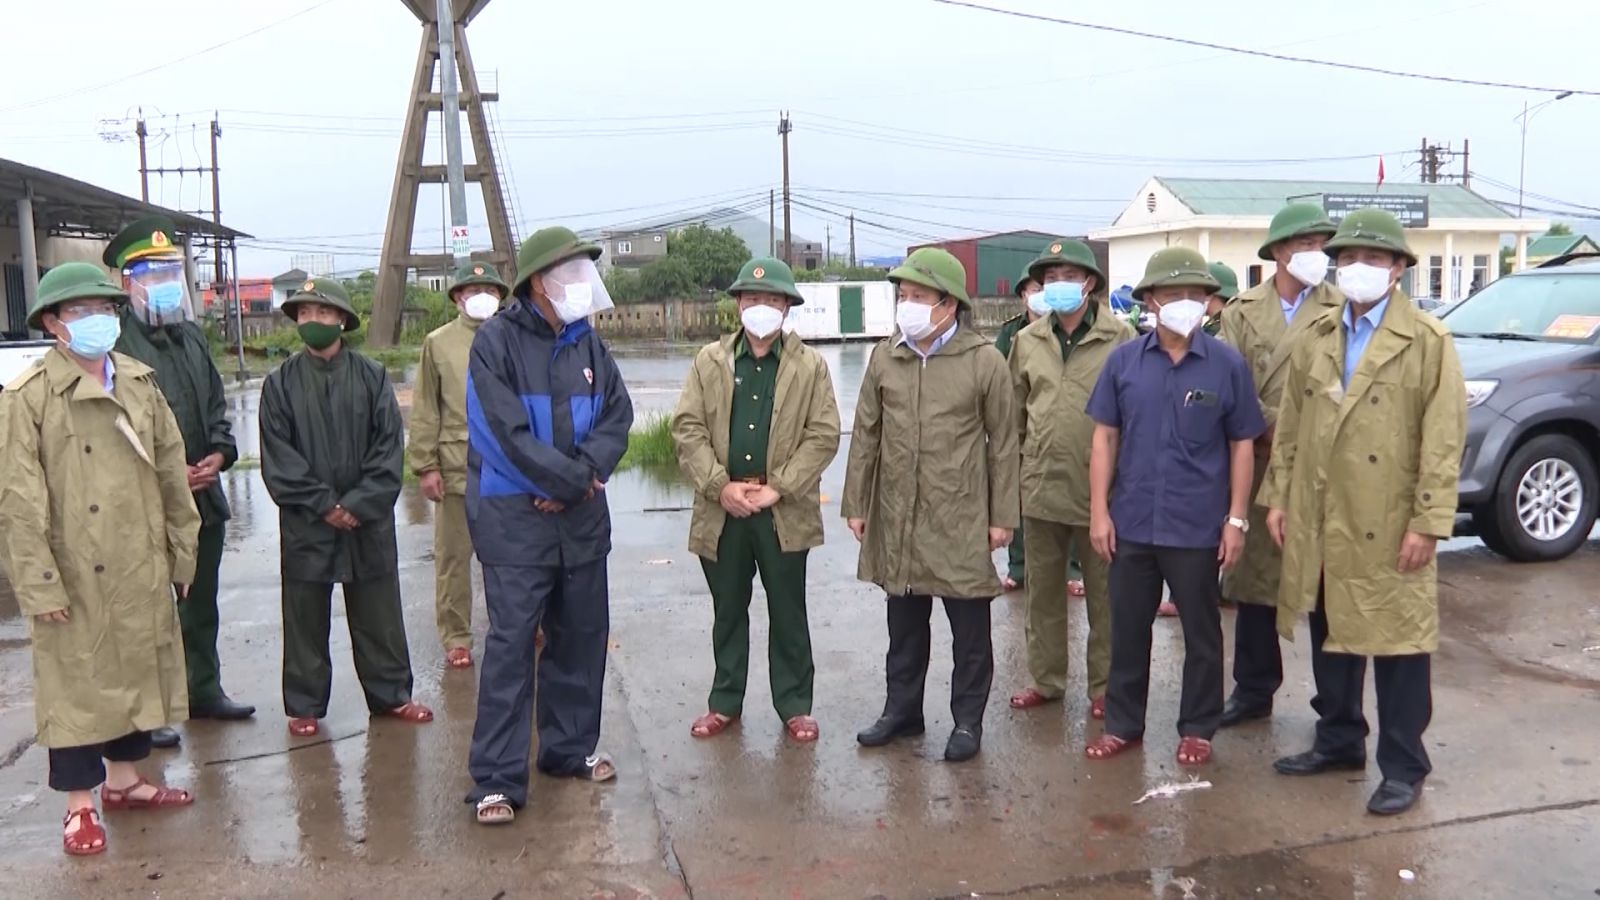 Đồng chí Bí thư Tỉnh ủy kiểm tra công tác ứng phó bão số 5 tại huyện Bố Trạch và TP Đồng Hới